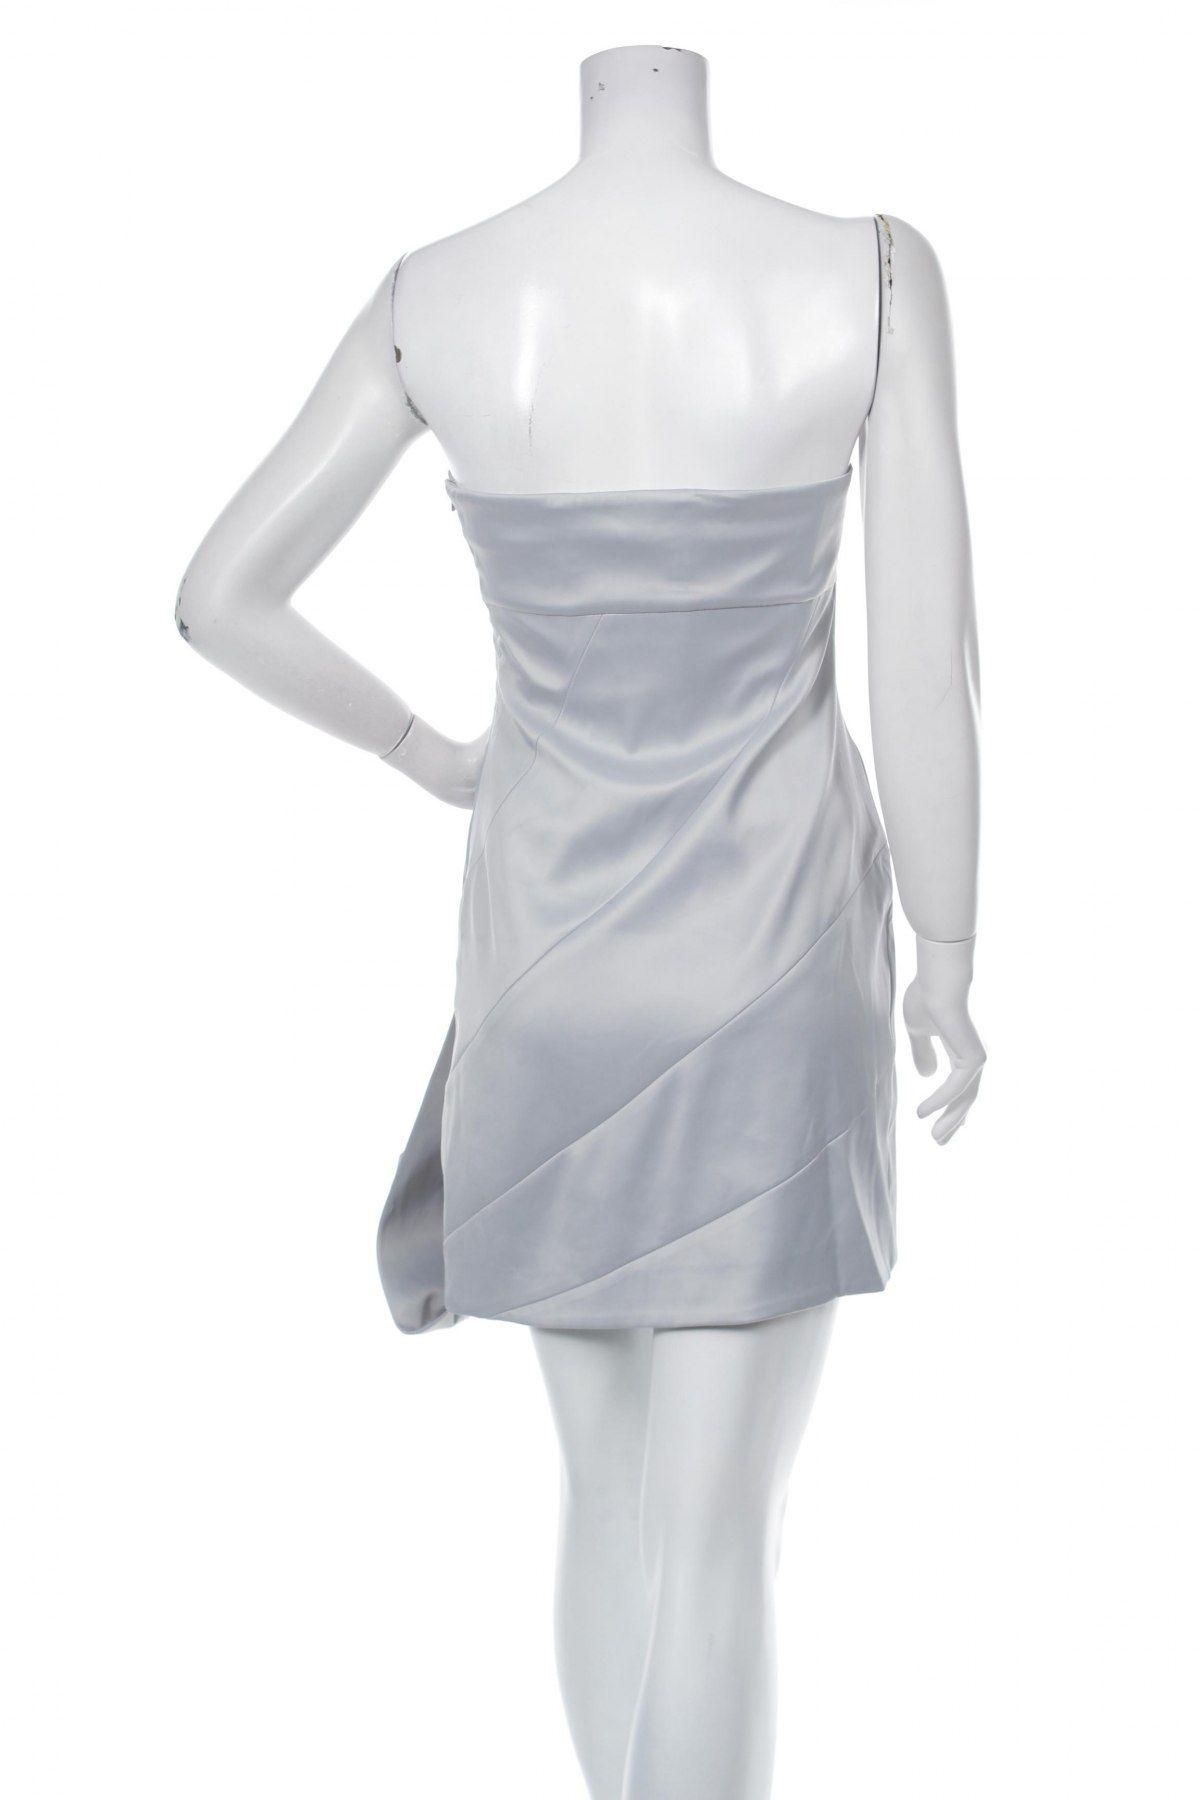 Φόρεμα Karen Millen #5742746 - Remix